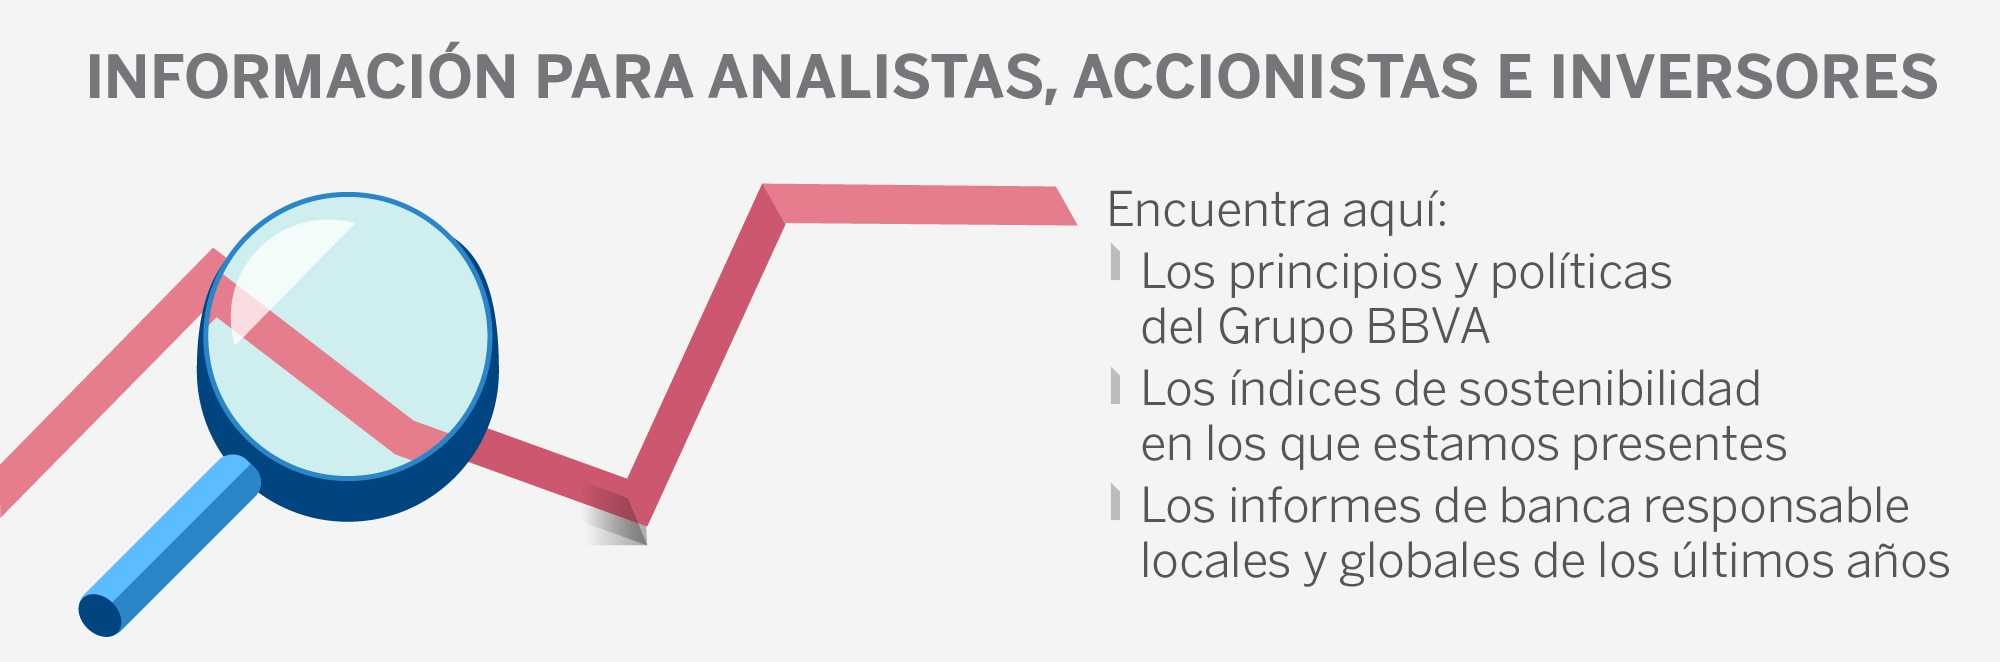 banca-responsable_informacion-accionistas